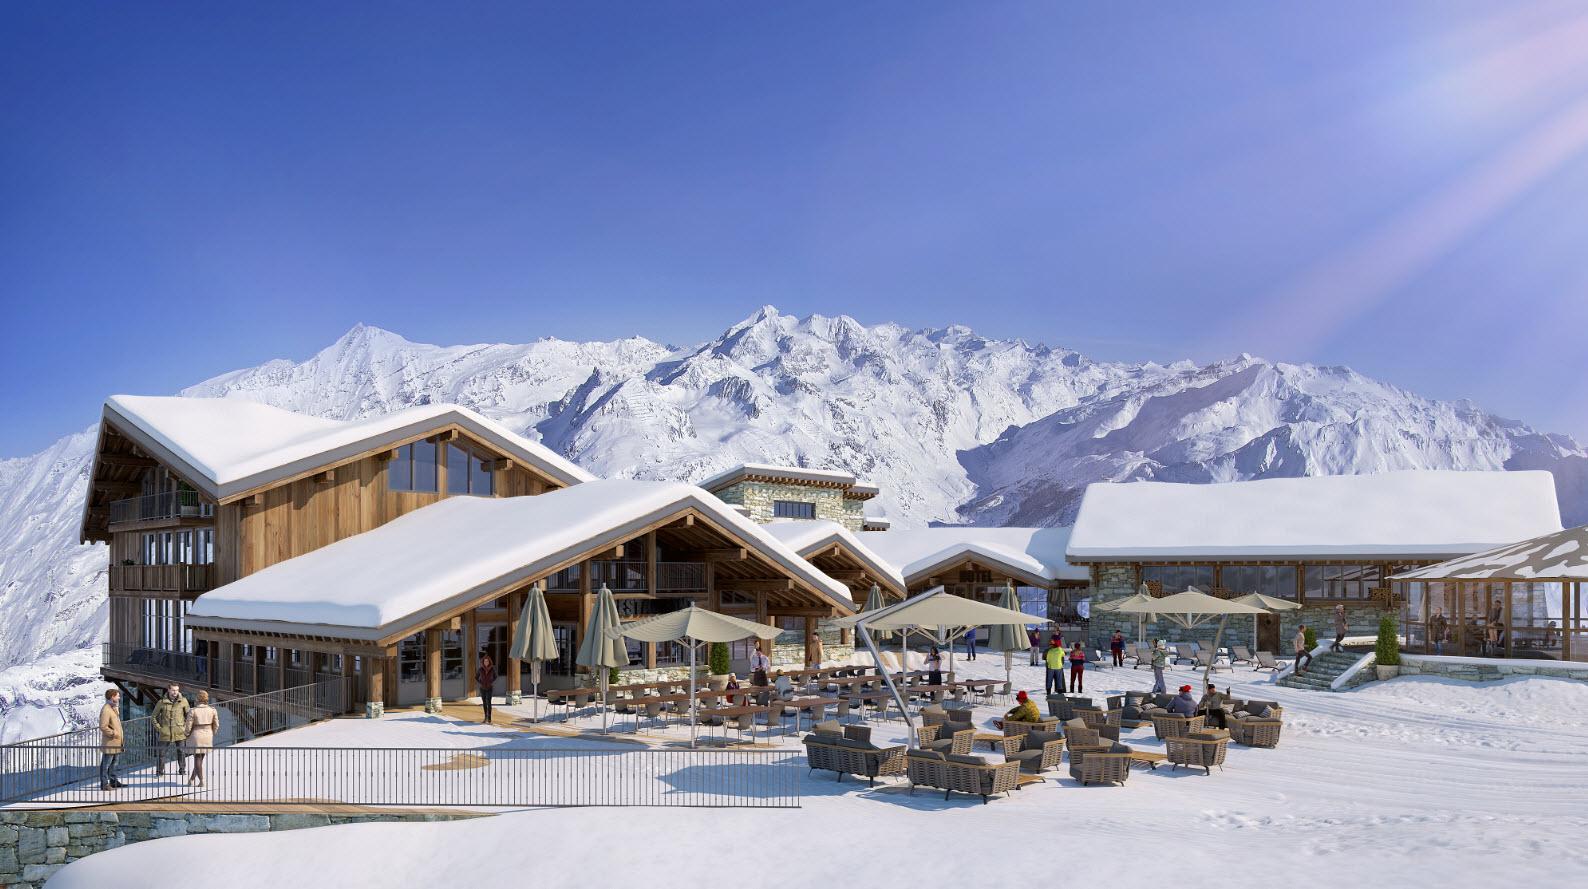 Dormir sur les pistes Val Isère - (c) Le Refuge de Solaise